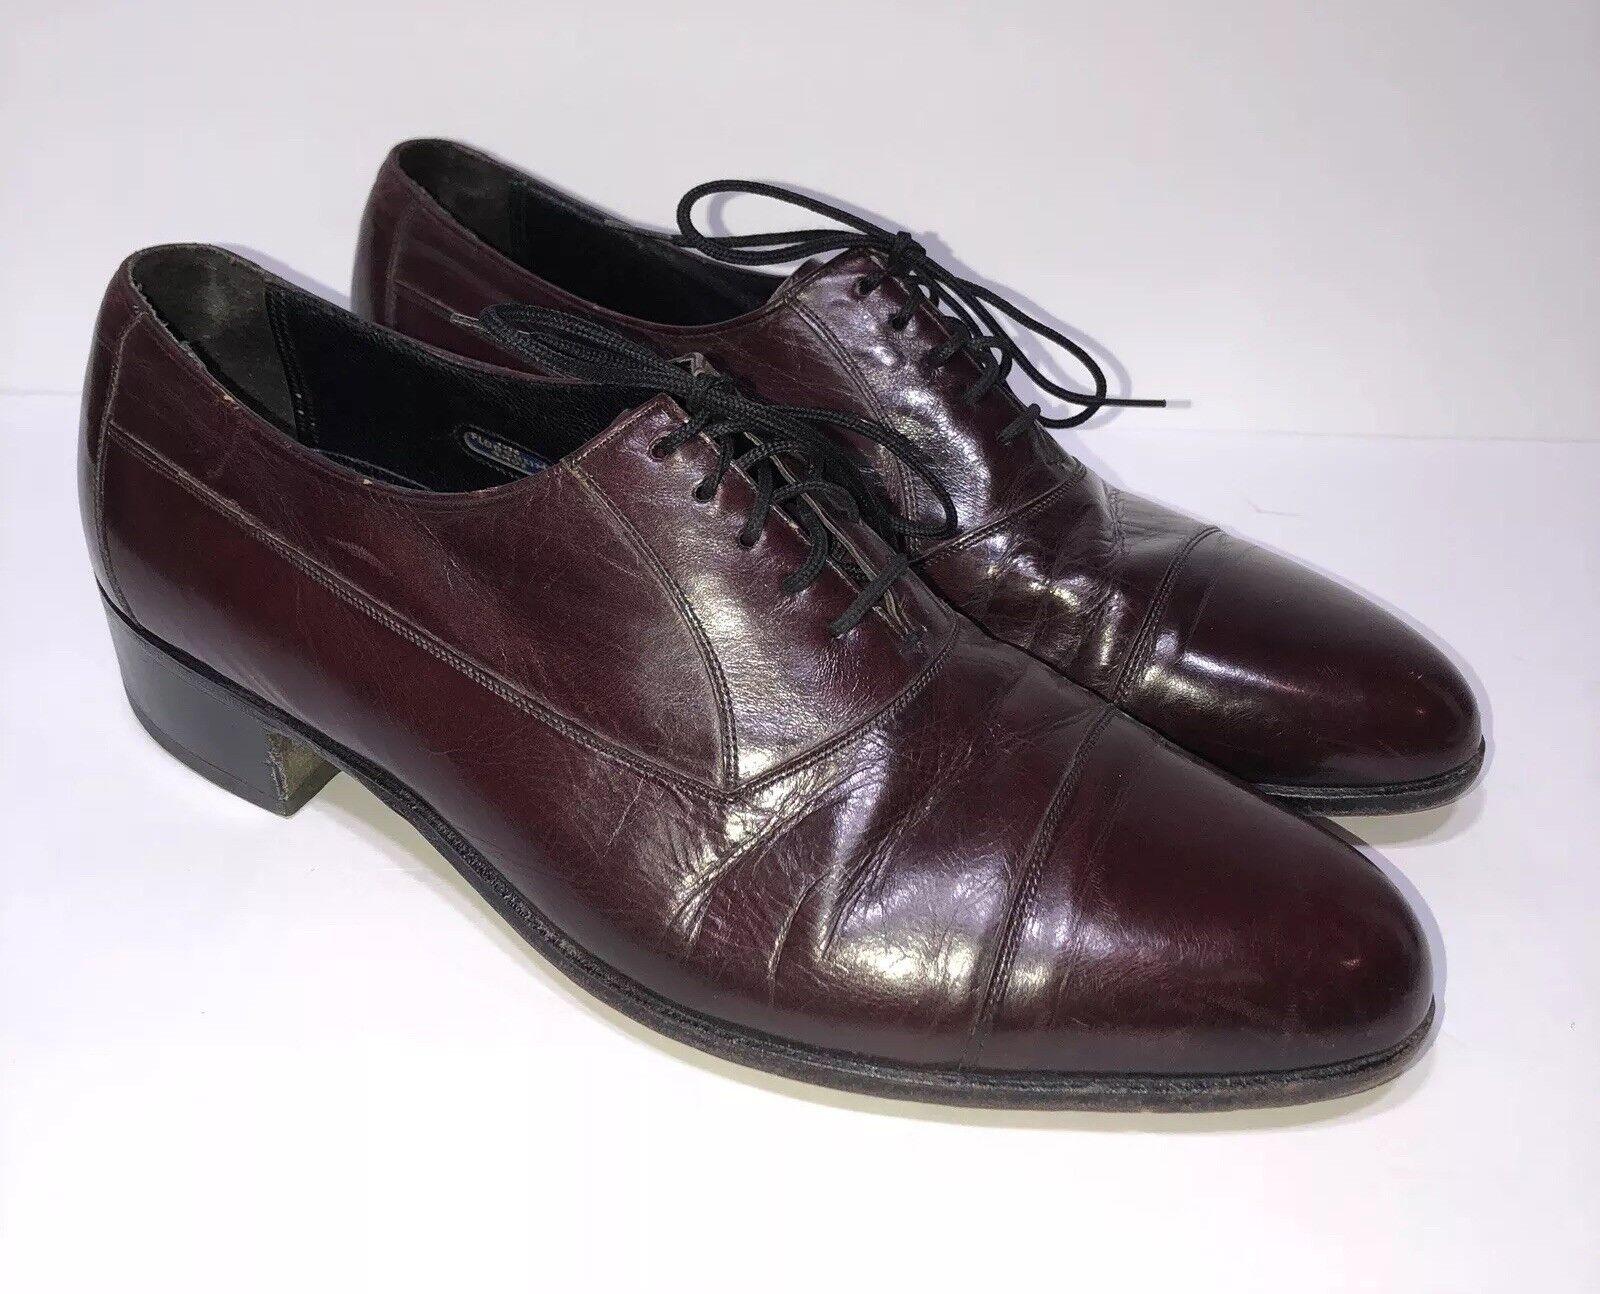 Florsheim Burgundy Cap Toe Oxford Leather new shoes shoes 305011 Men's Size US 9D